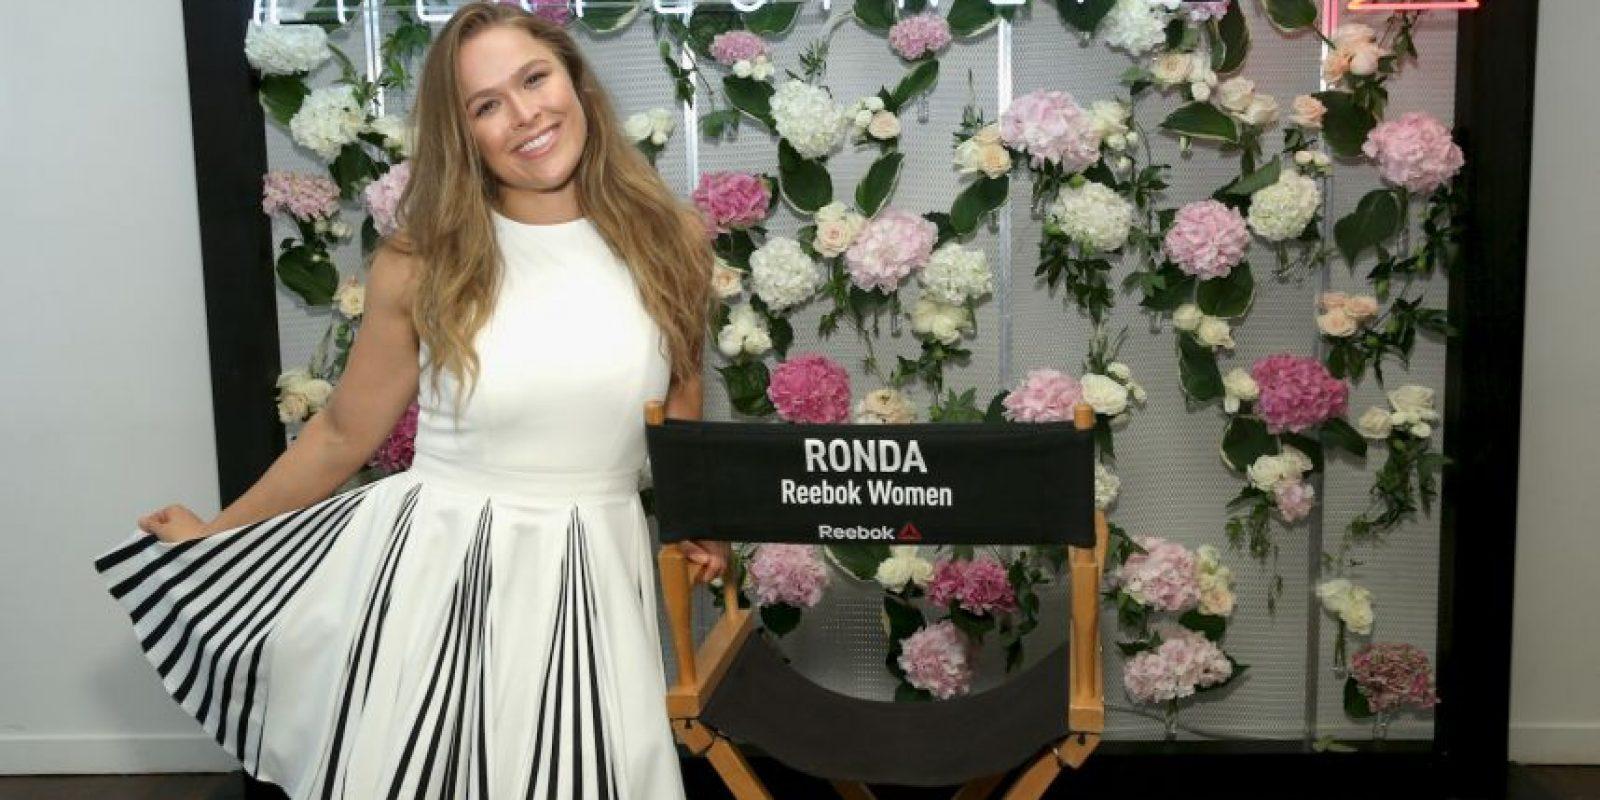 La excampona Ronda Rousey buscará recuperar el título a finales de año Foto:Getty Images